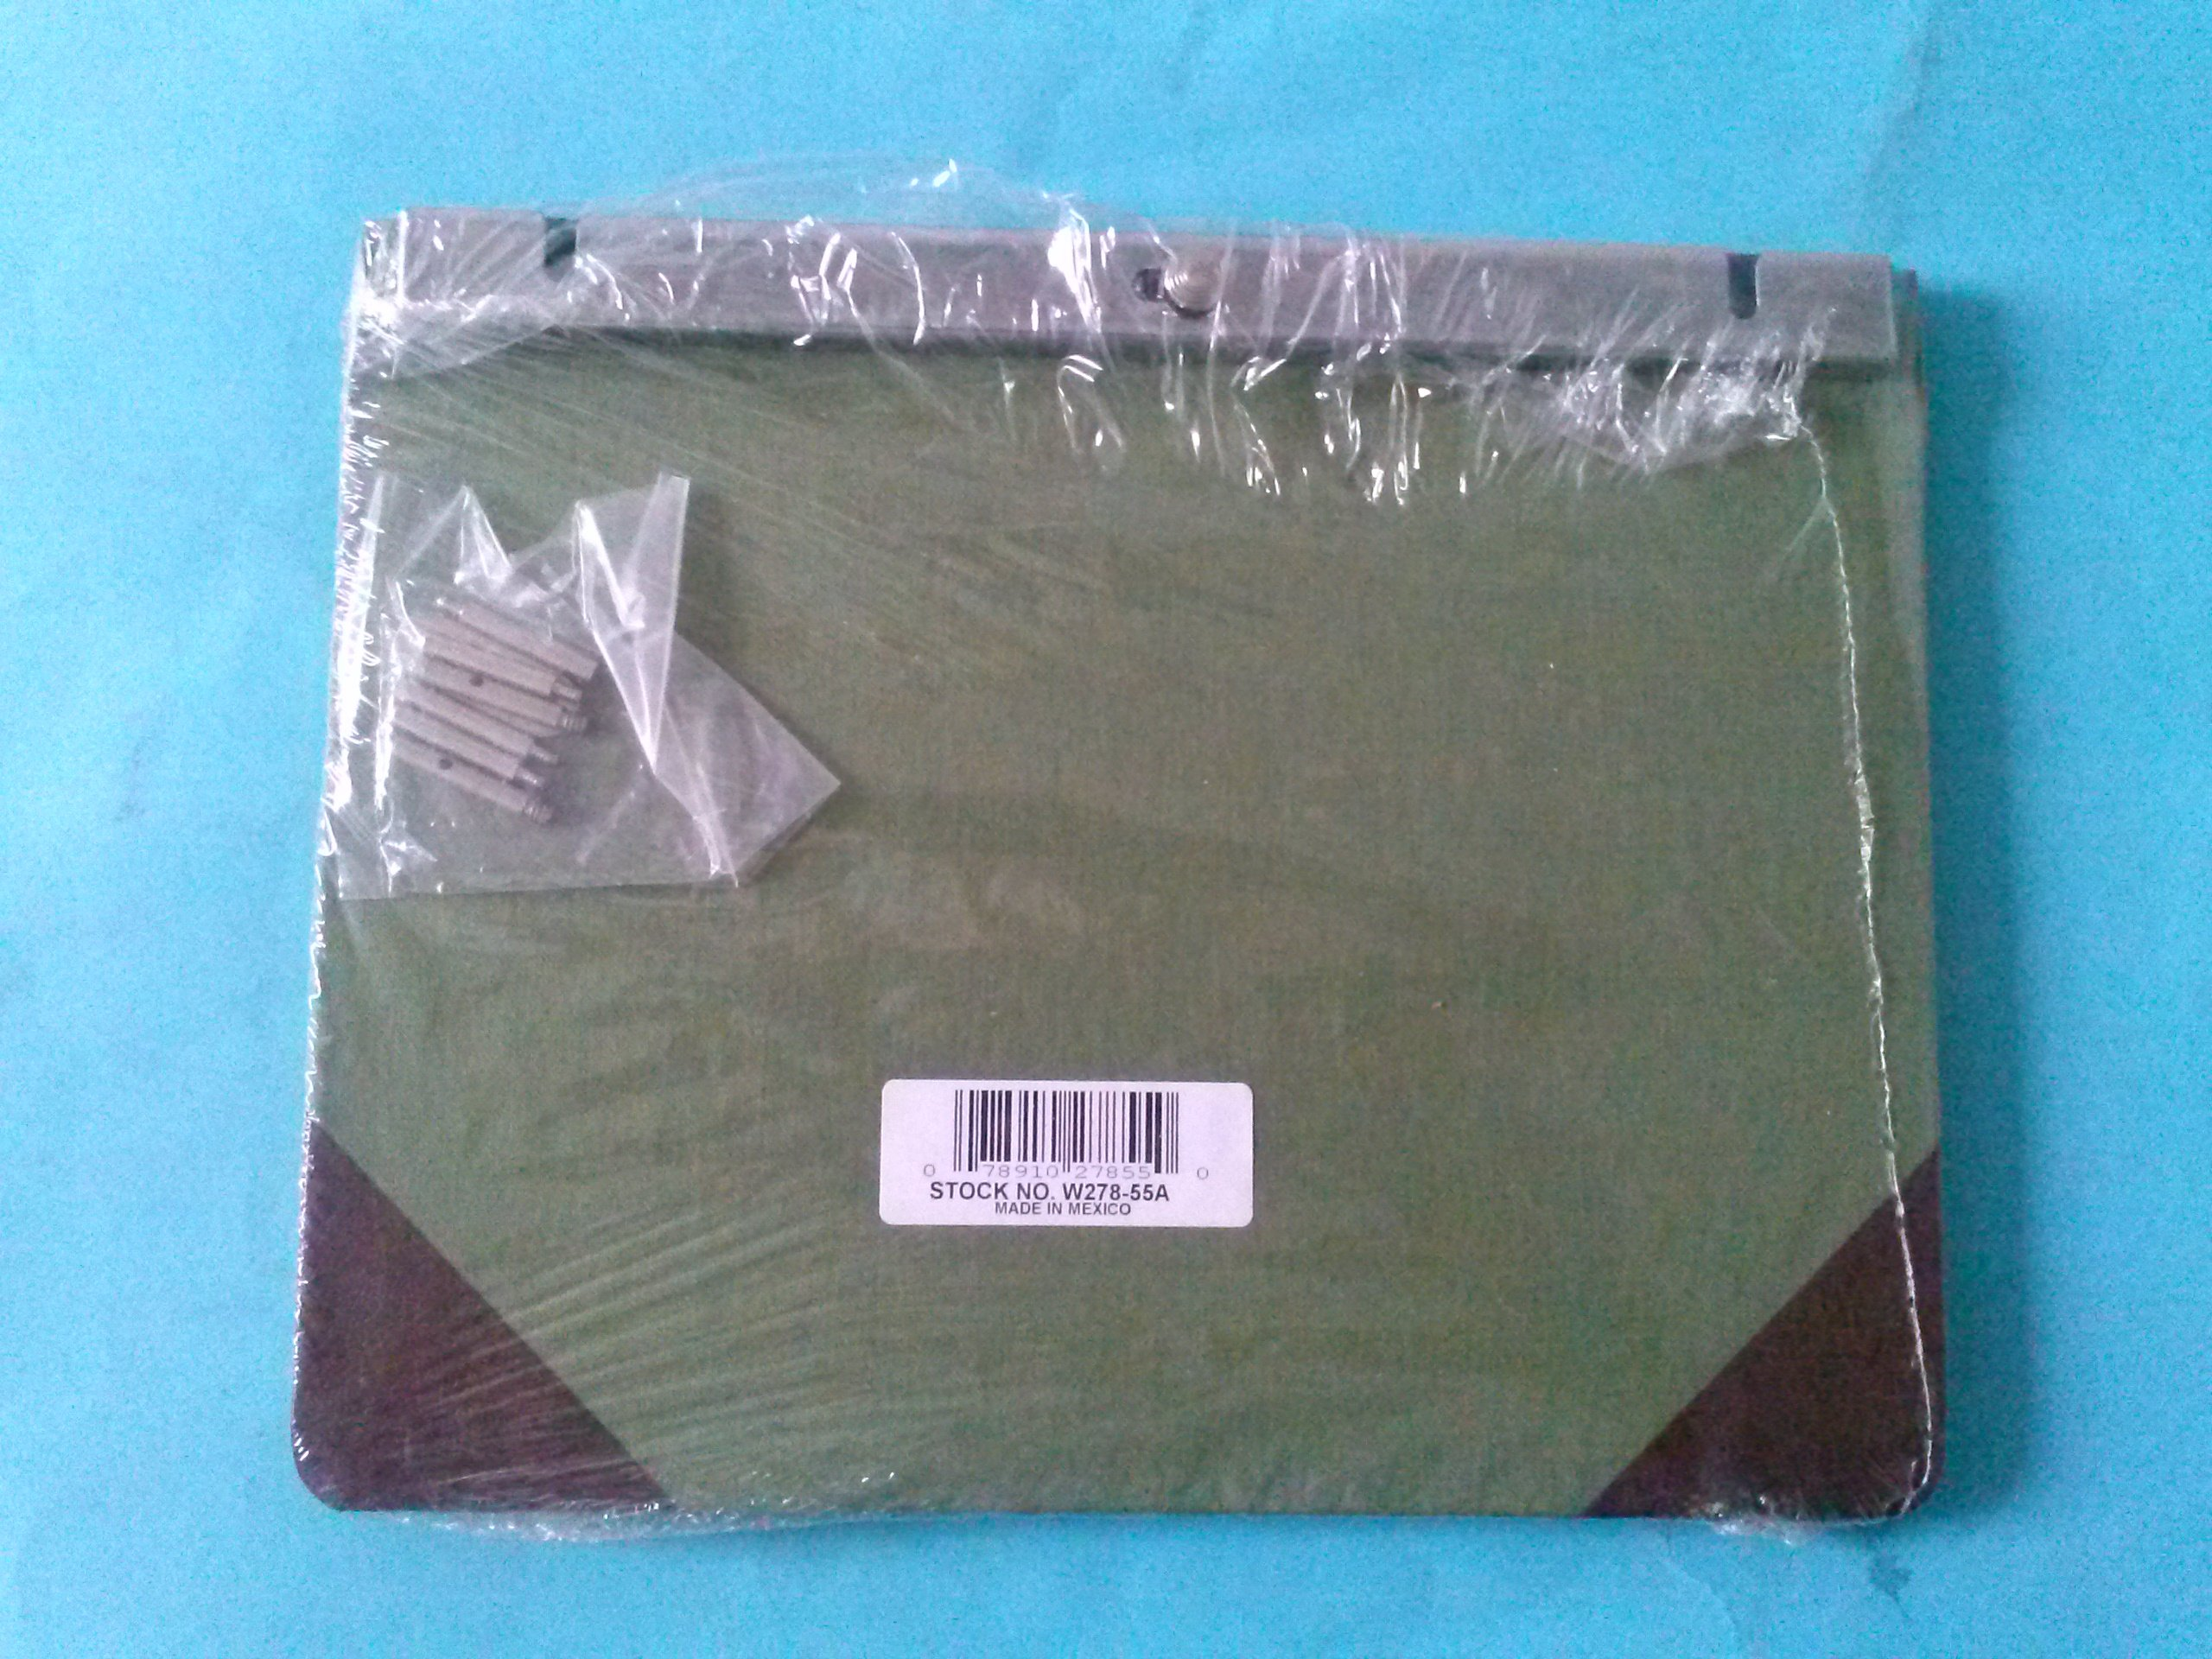 Wilson Jones W278-55A Post Binder Green 11'' x 8 1/2'' Limit 1 Per Customer